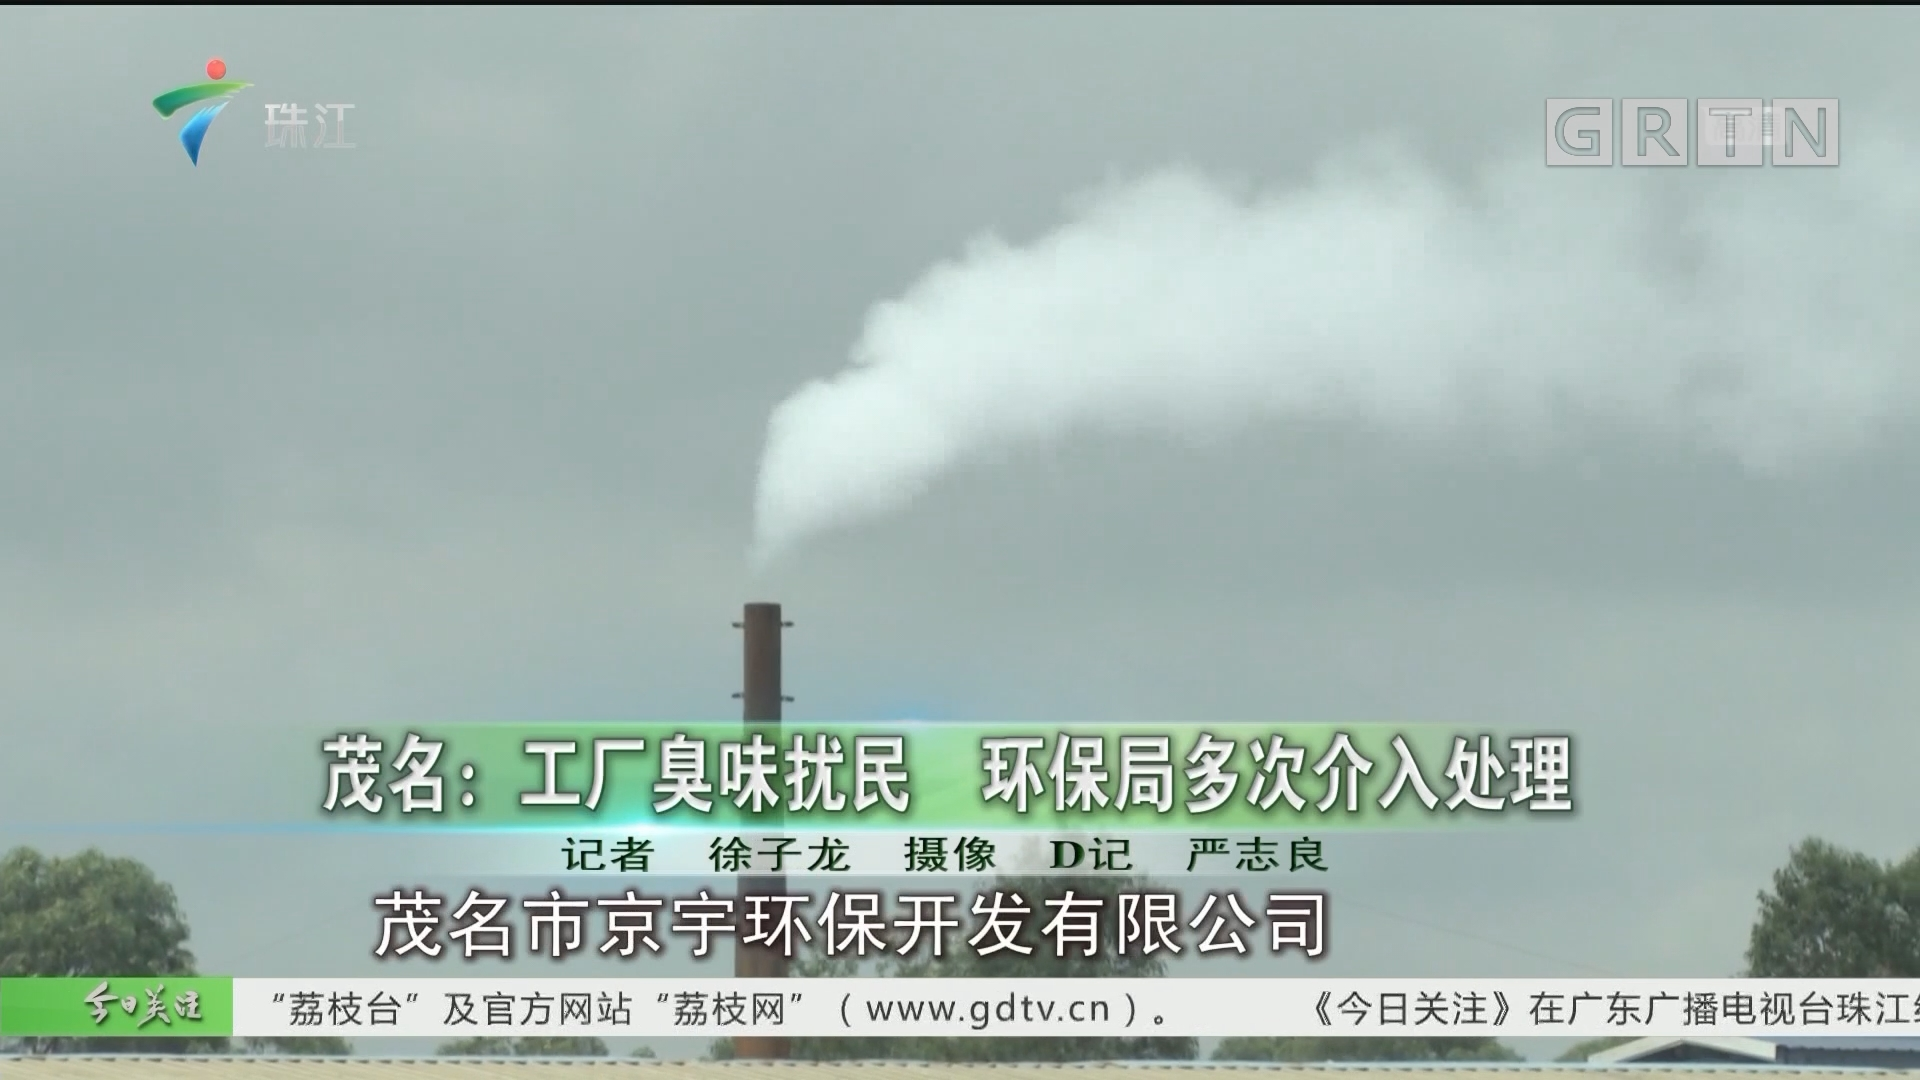 茂名:工厂臭味扰民 环保局多次介入处理